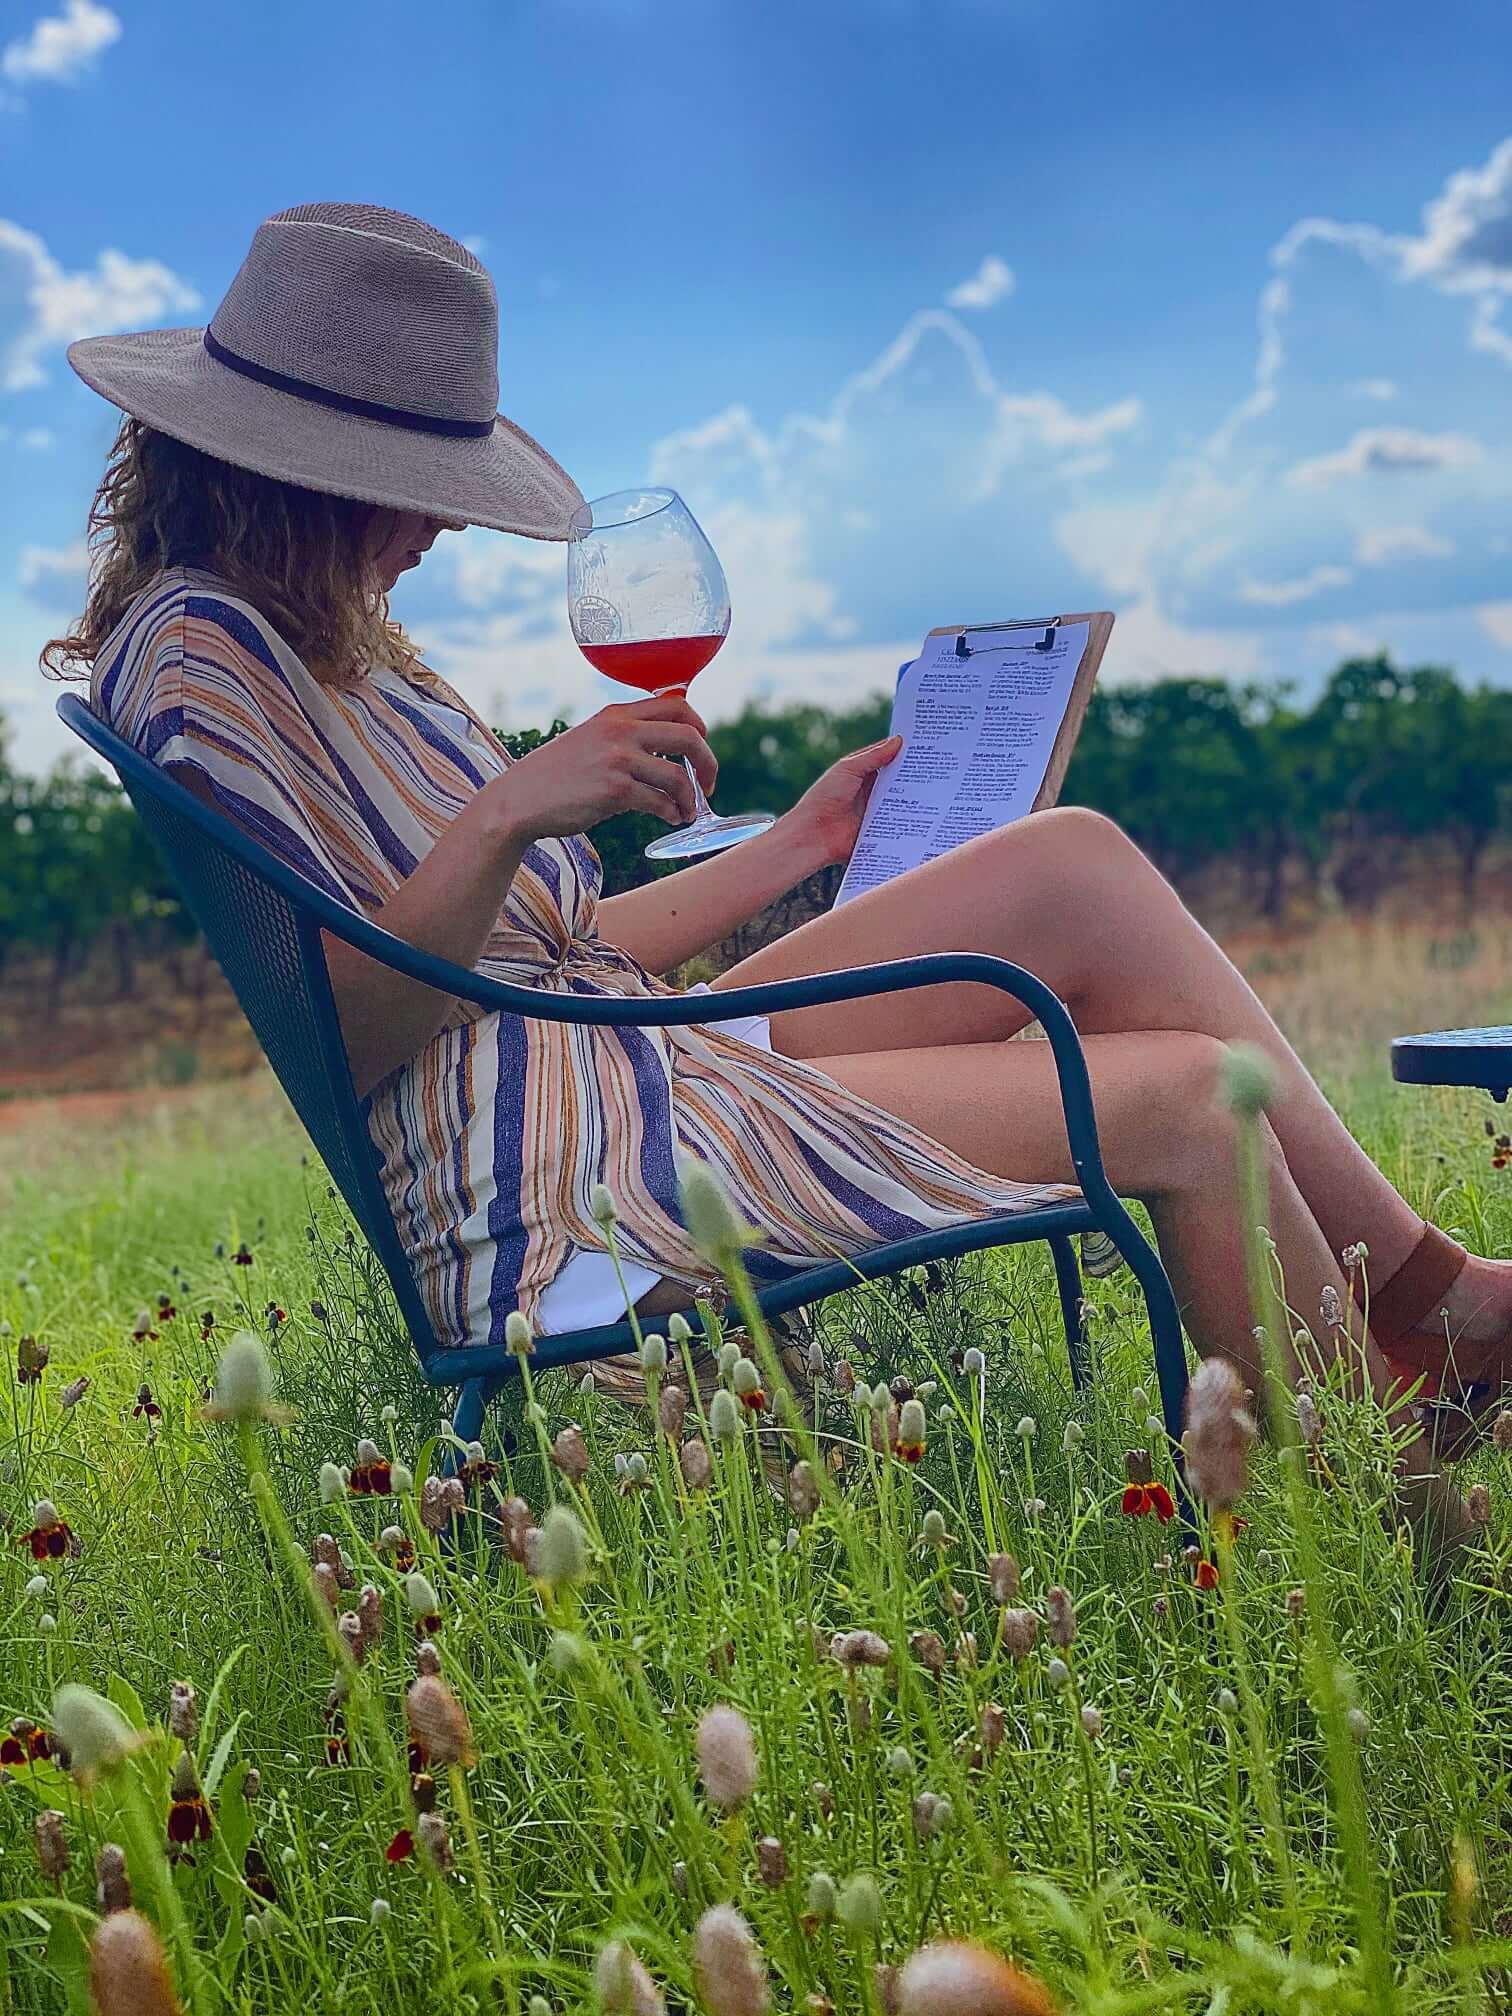 Callaghan Vineyards wine-tasting in arizona